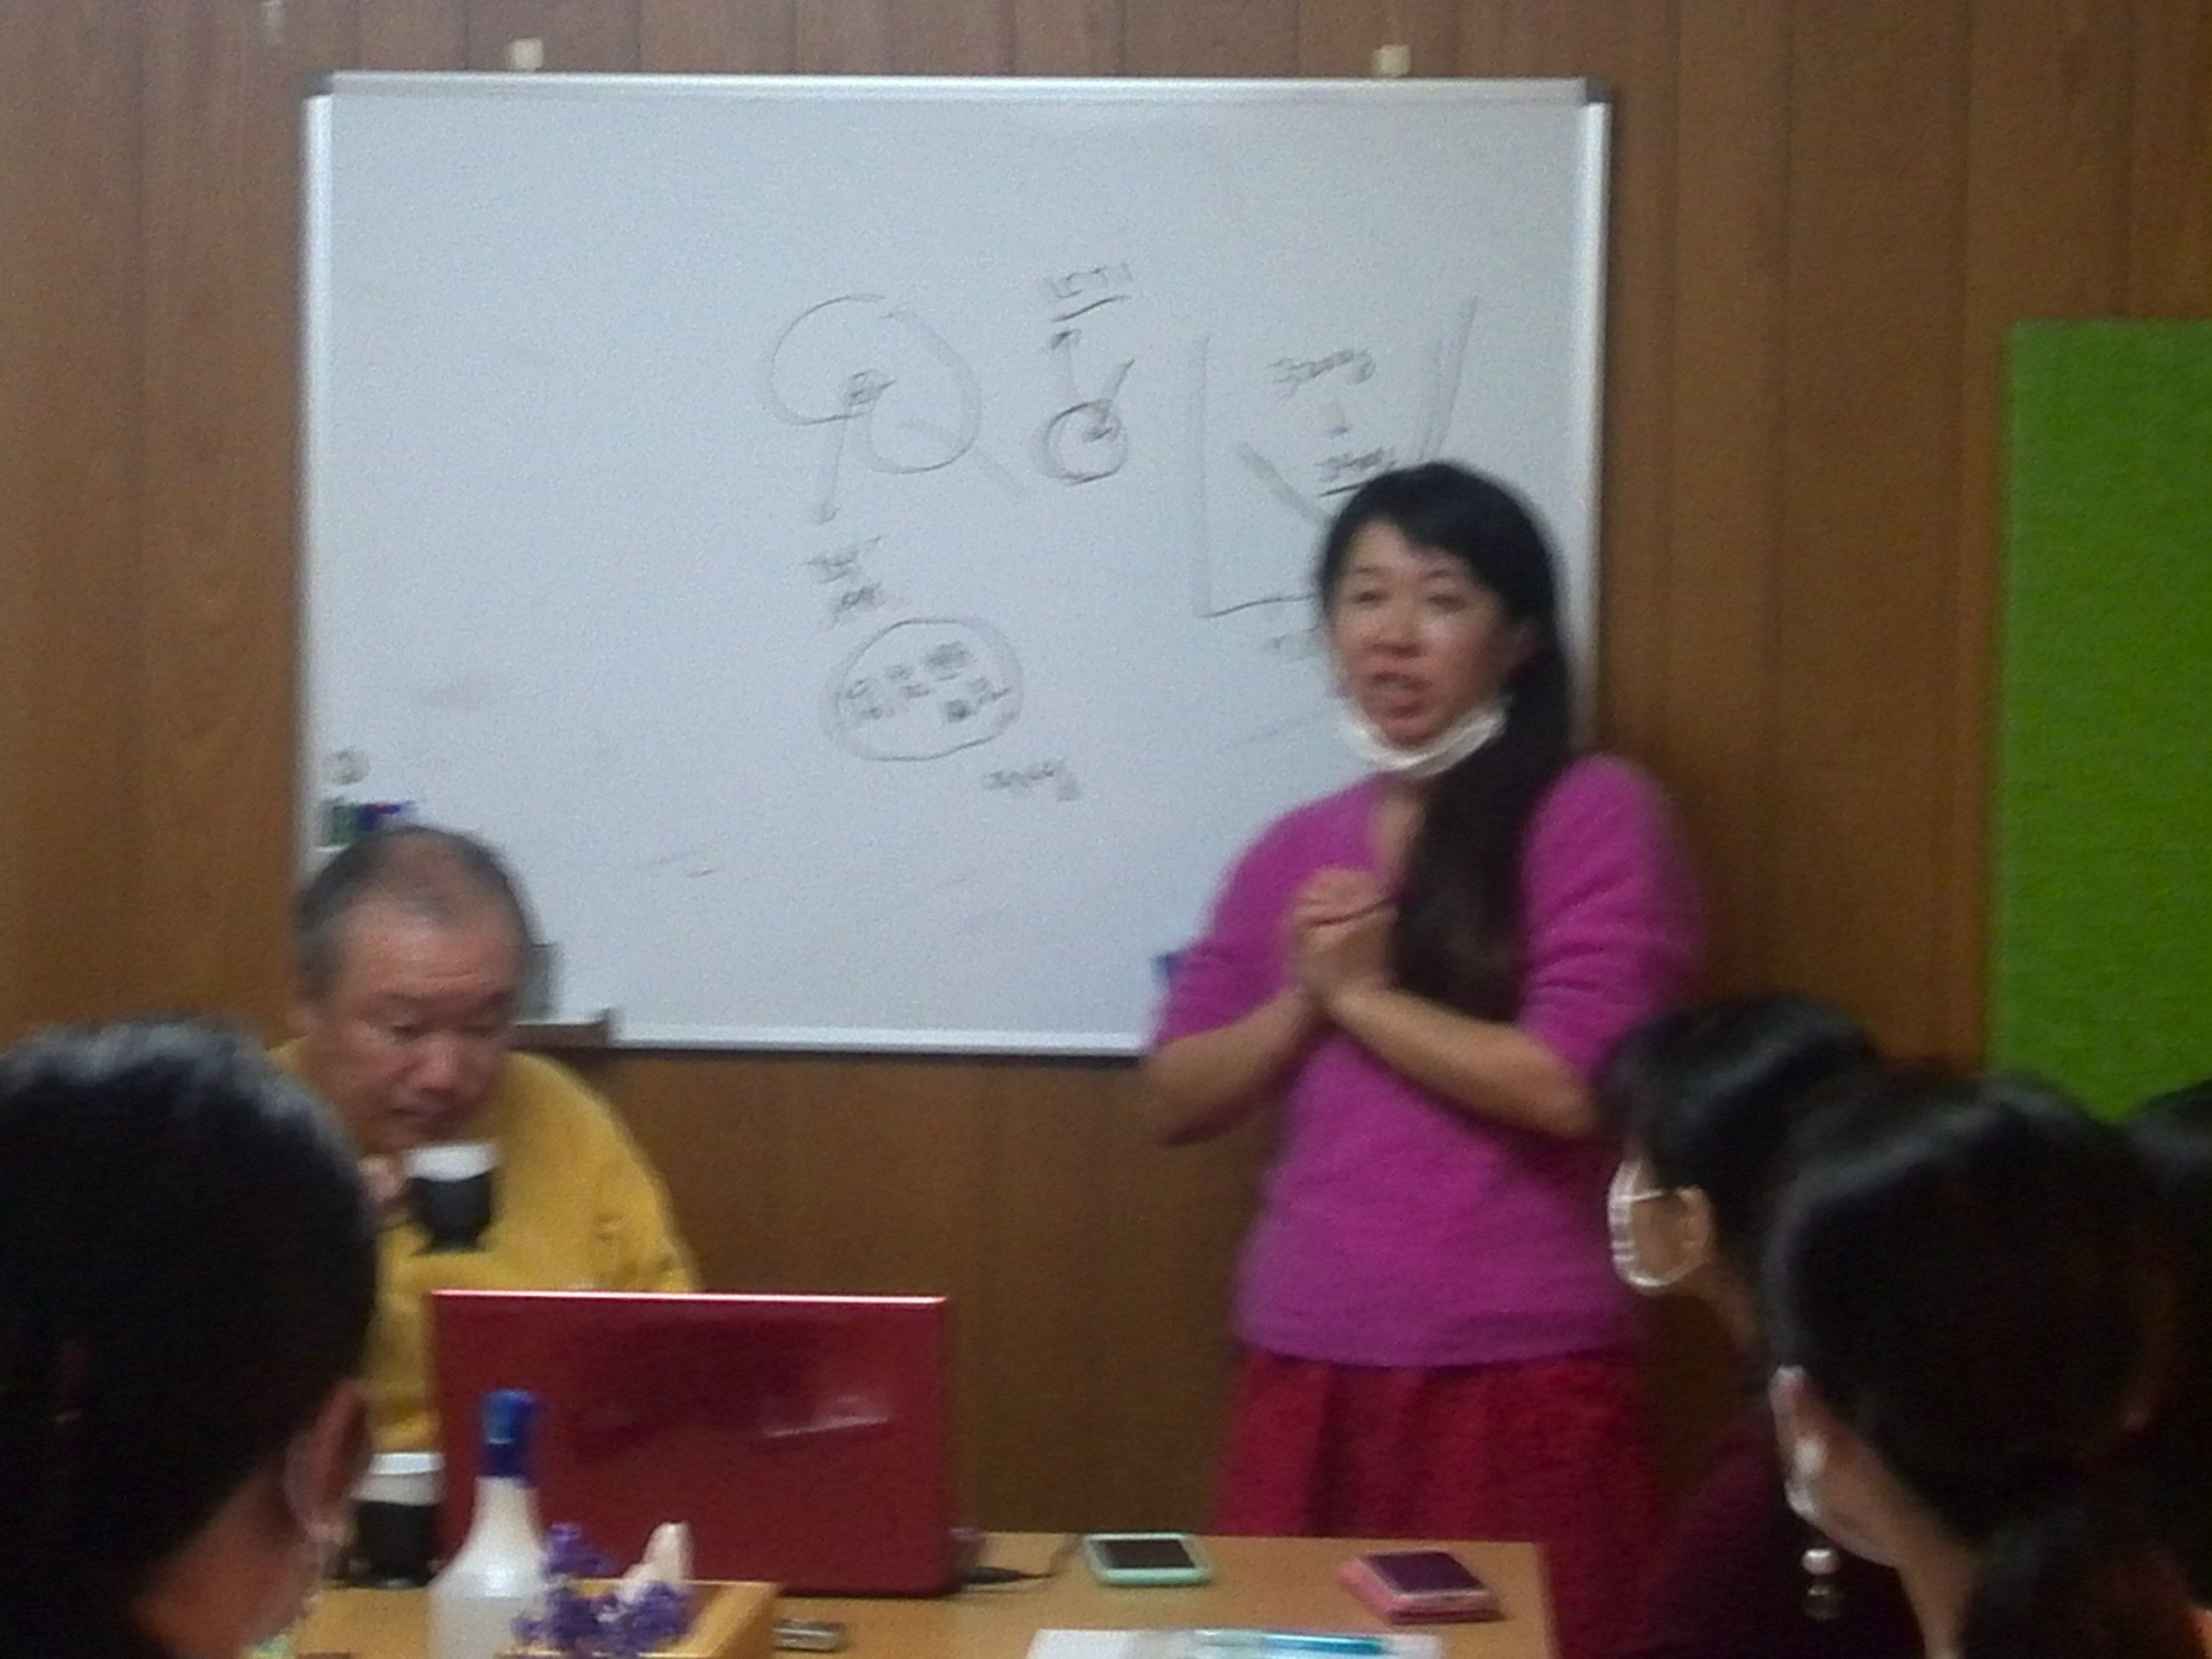 IMG 20200310 200017 scaled - 愛の子育て塾第16期第1講座開催